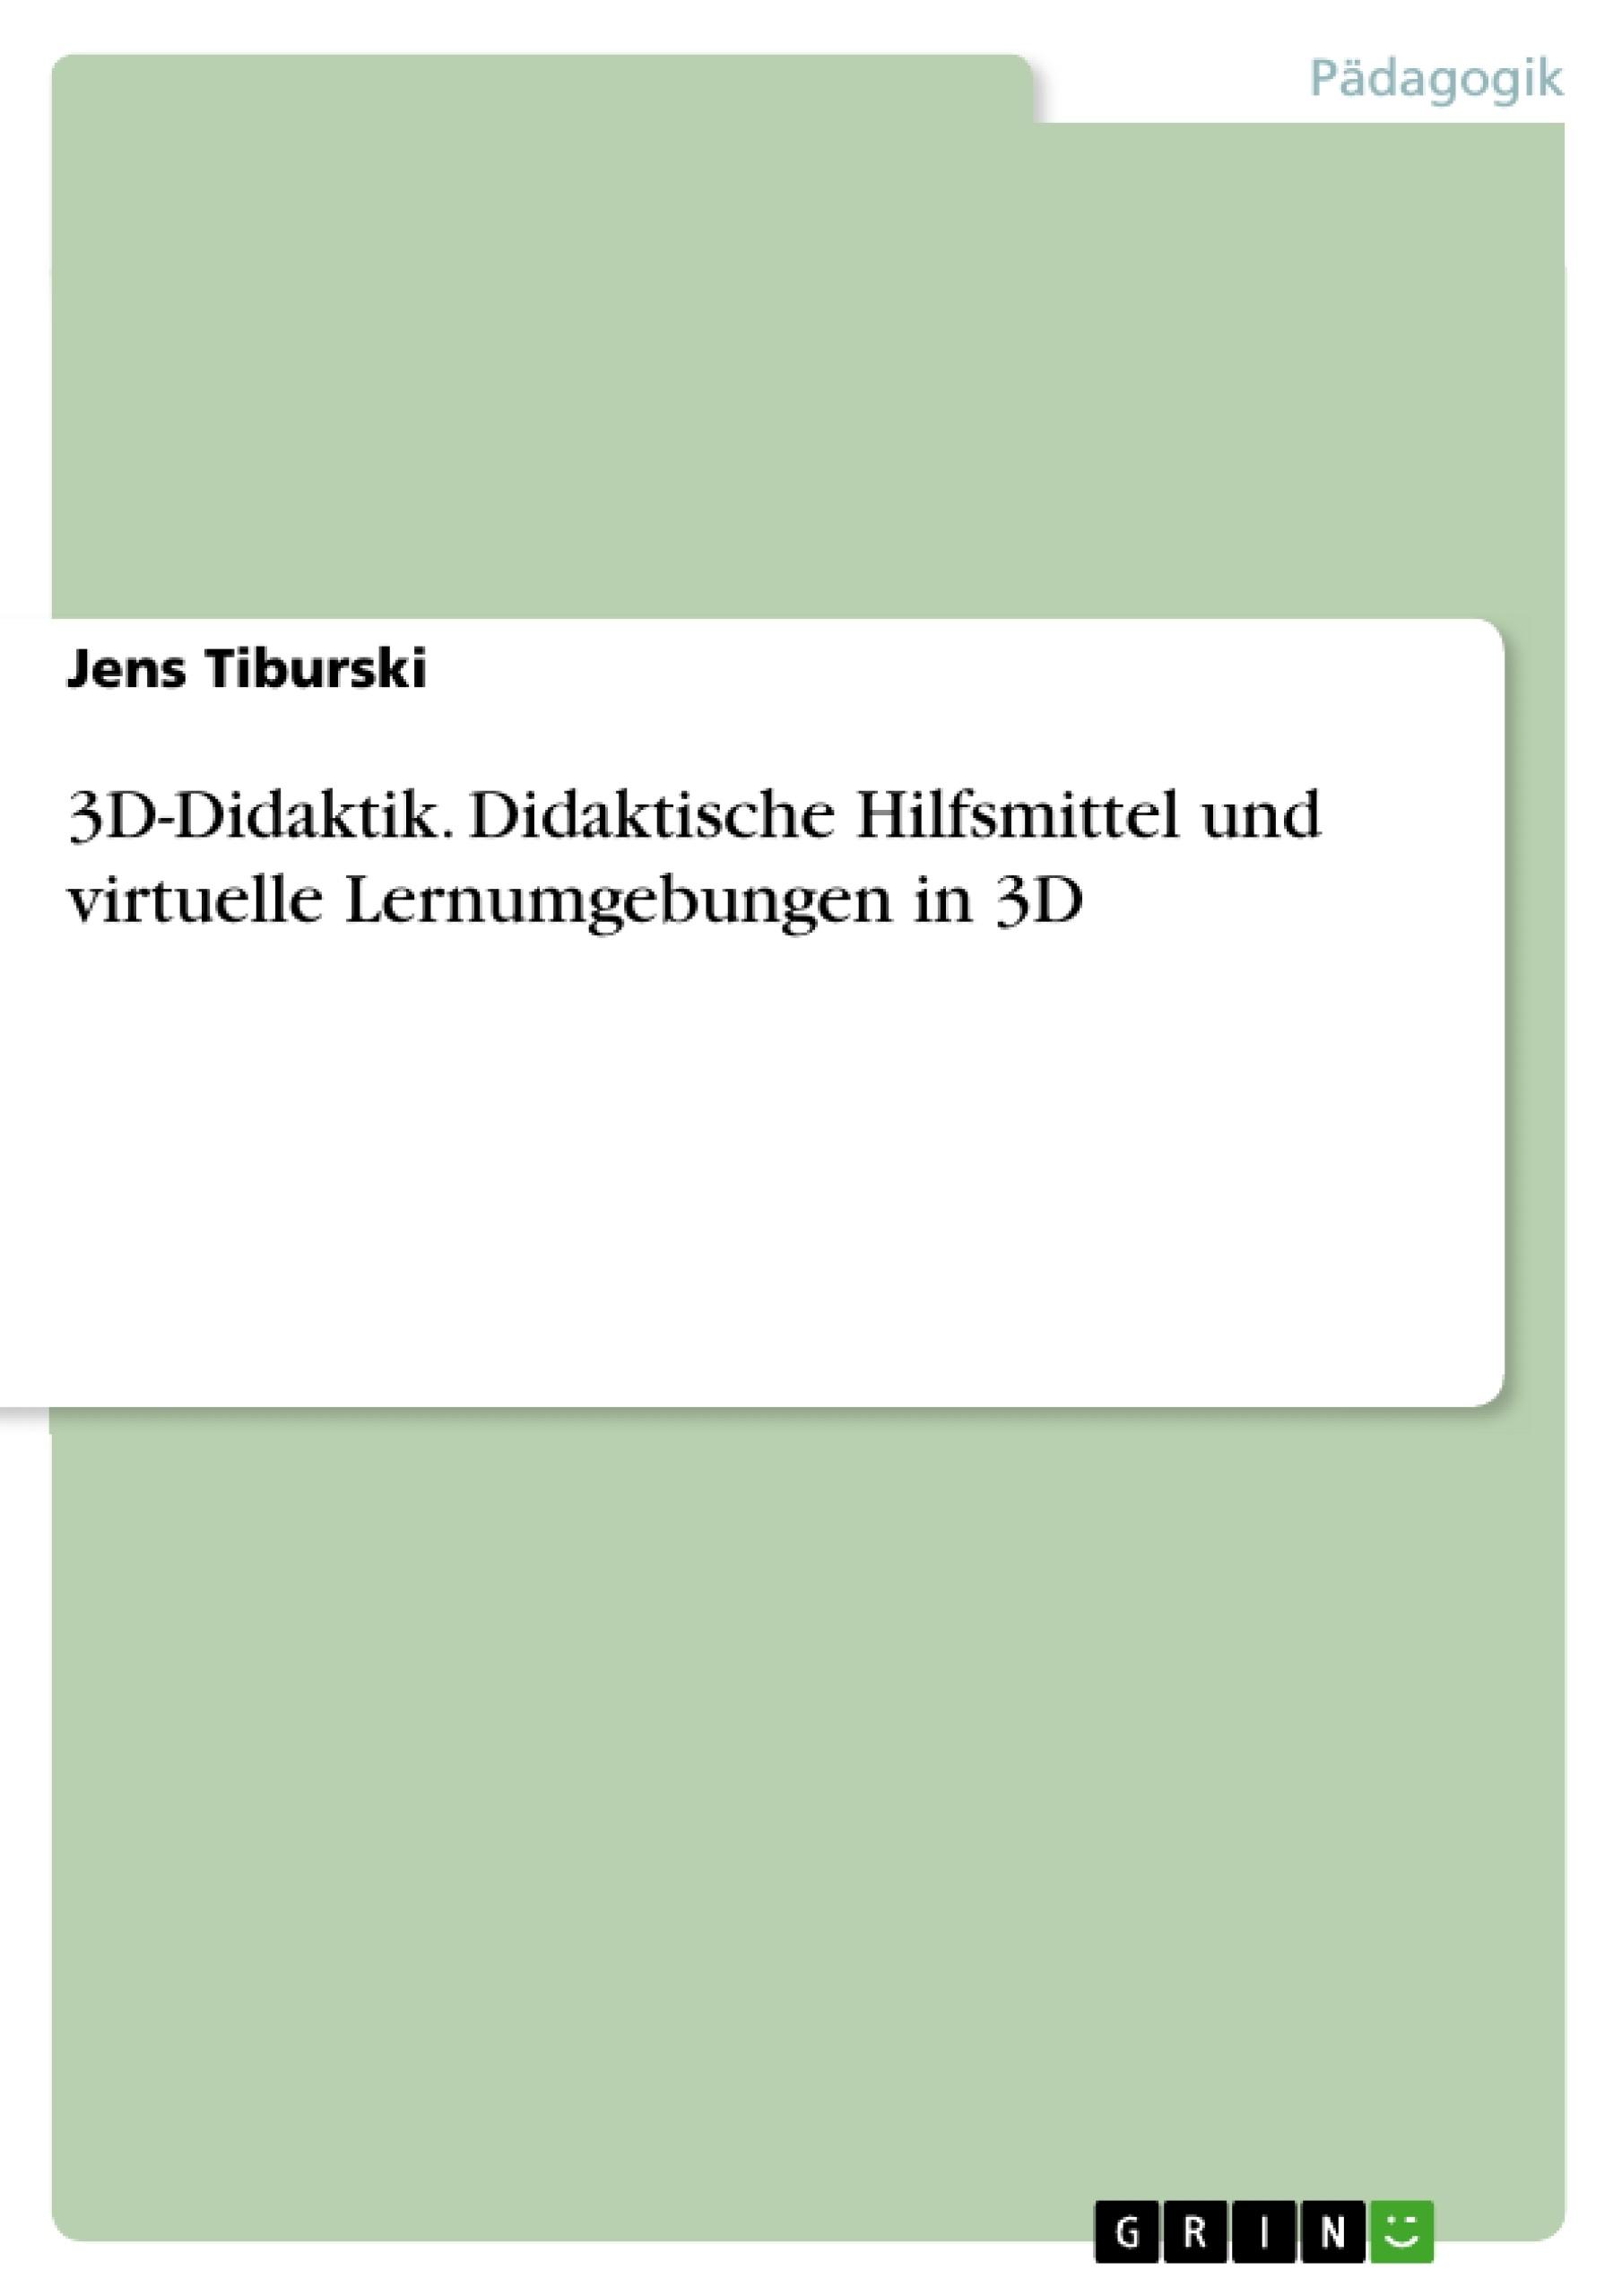 Titel: 3D-Didaktik. Didaktische Hilfsmittel und virtuelle Lernumgebungen in 3D